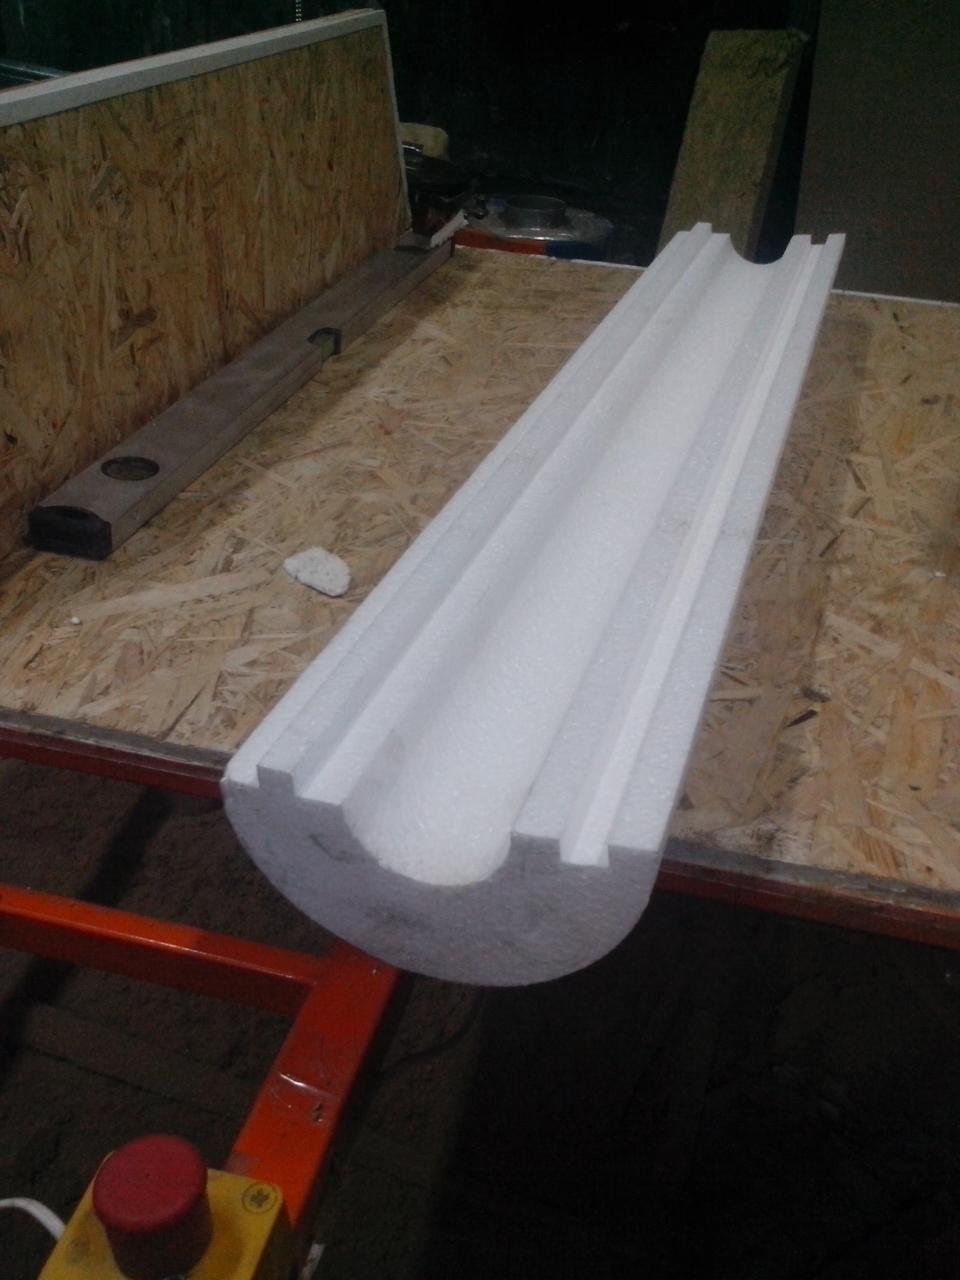 Утеплитель из пенопласта (пенополистирола) для труб Ø 40 мм толщиной 90 мм